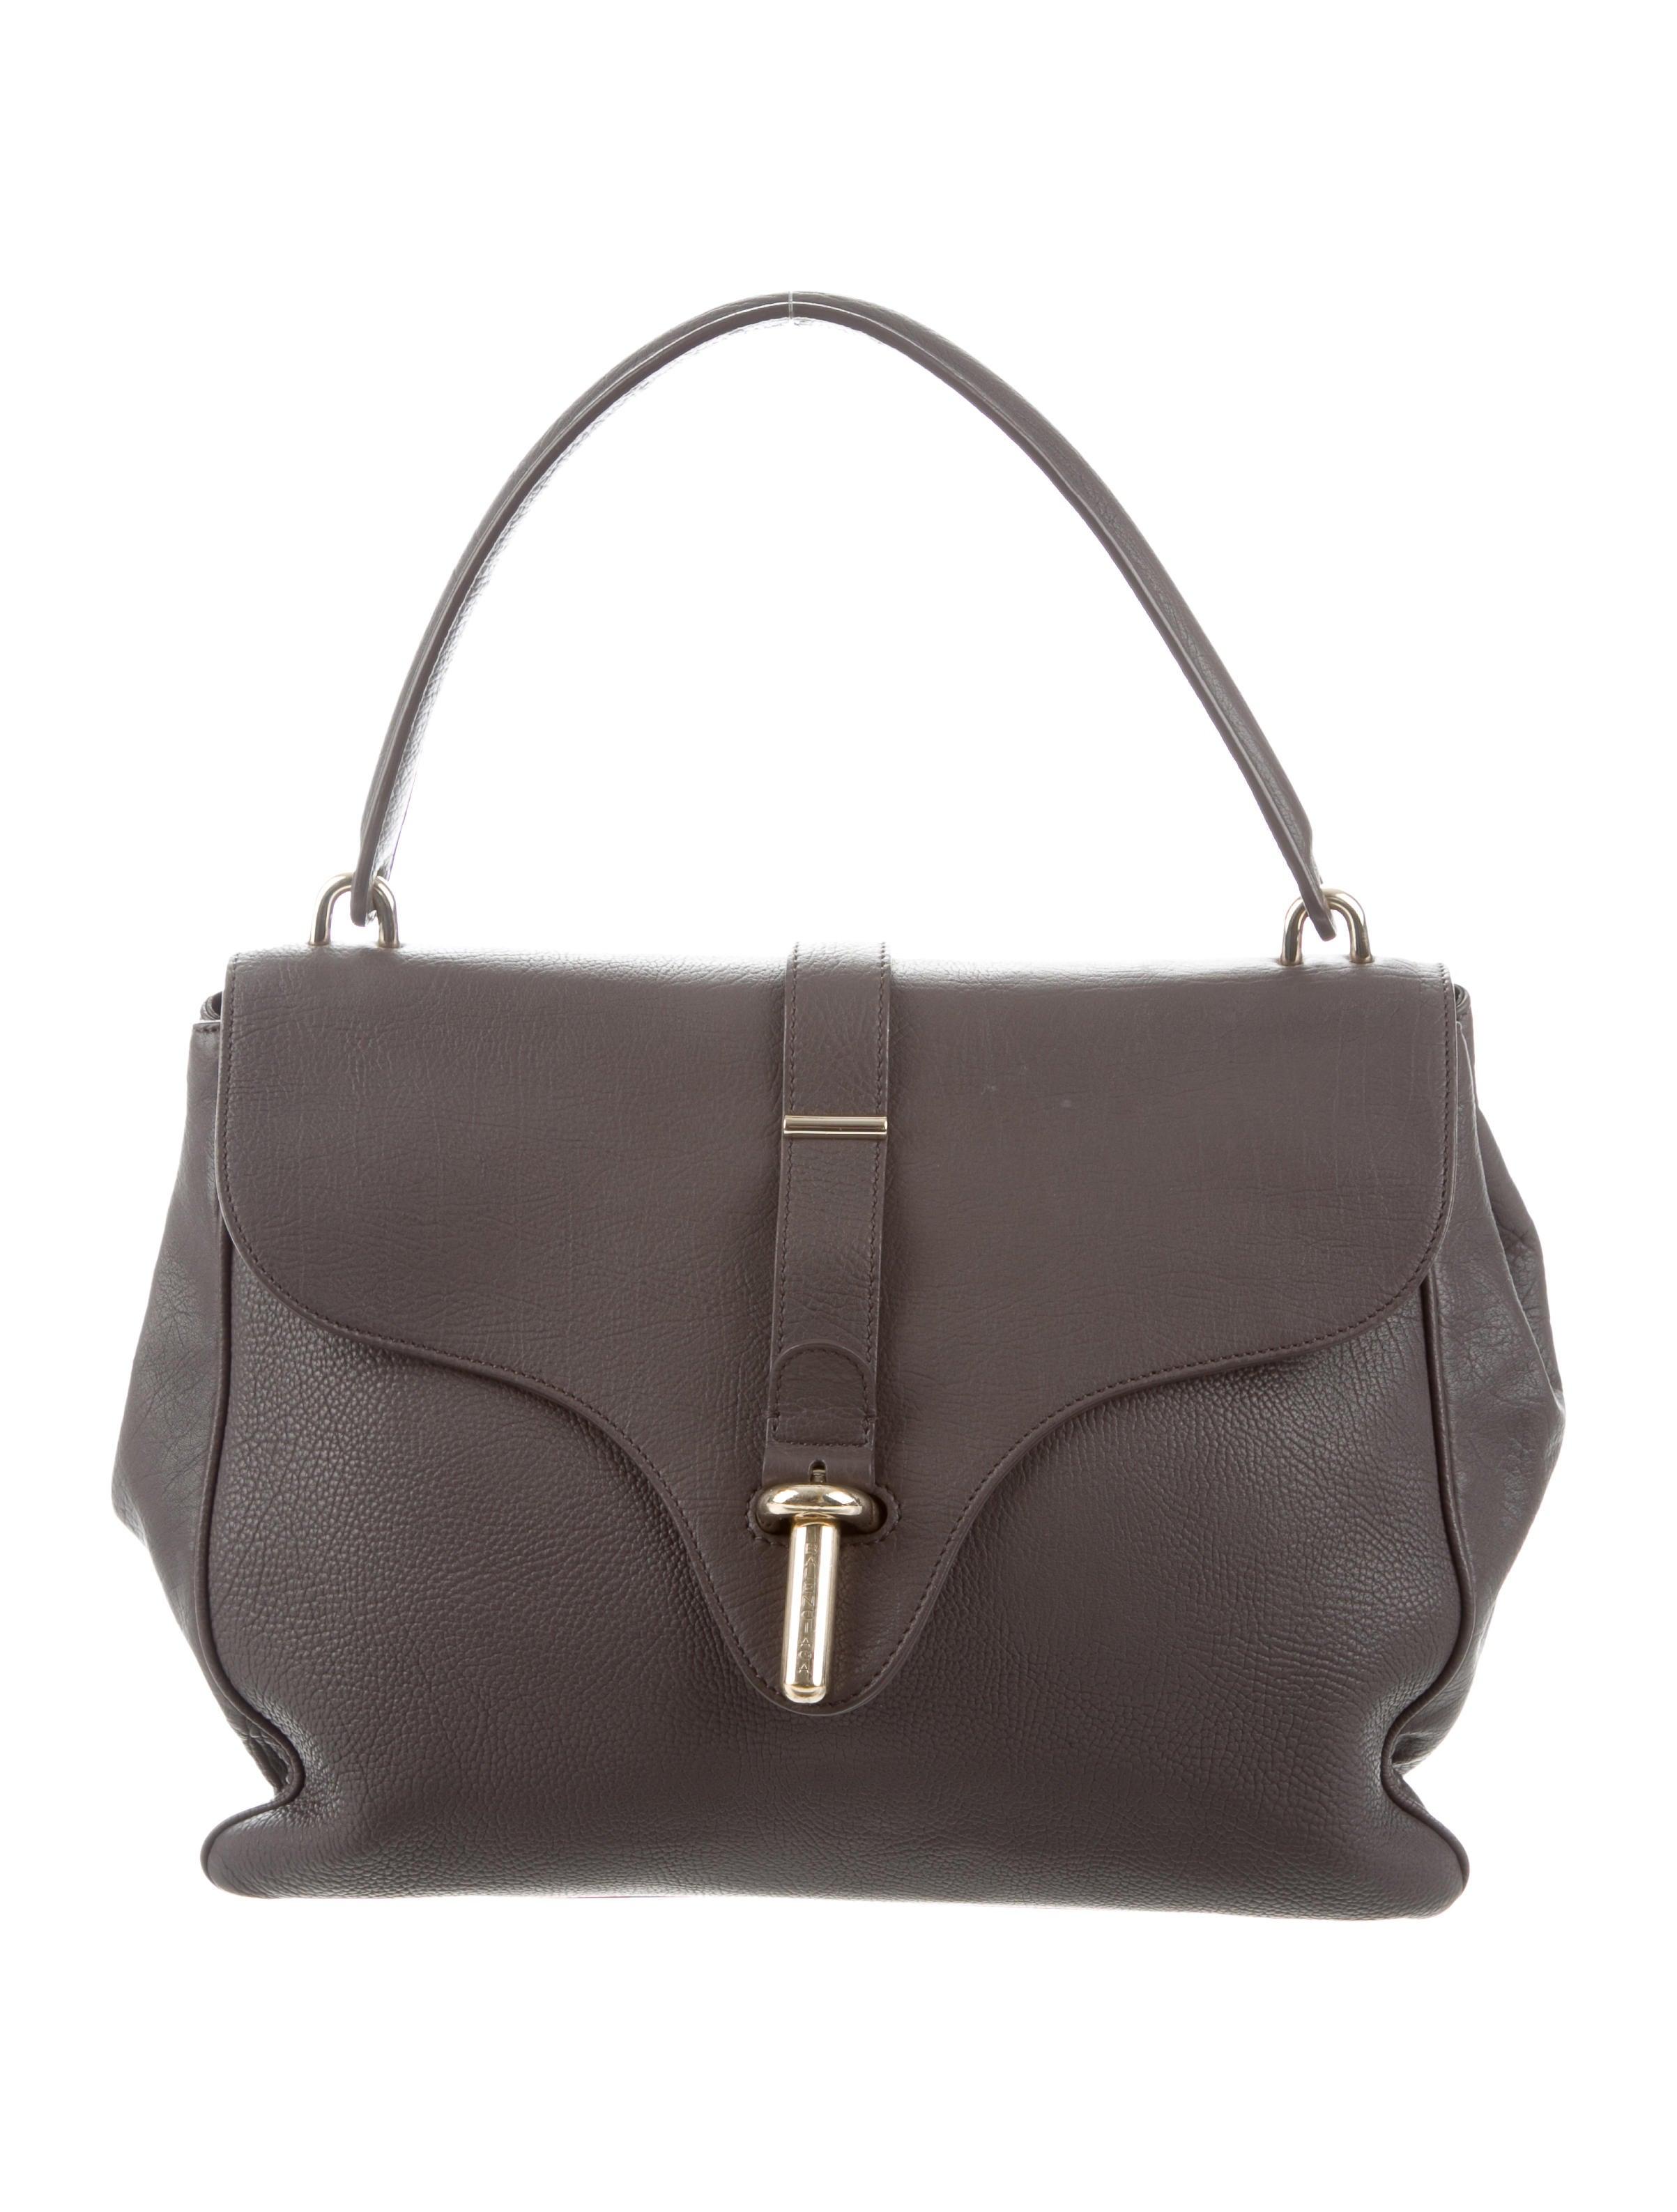 f58c2b9ef4 Balenciaga Tube Square Bag - Handbags - BAL74764